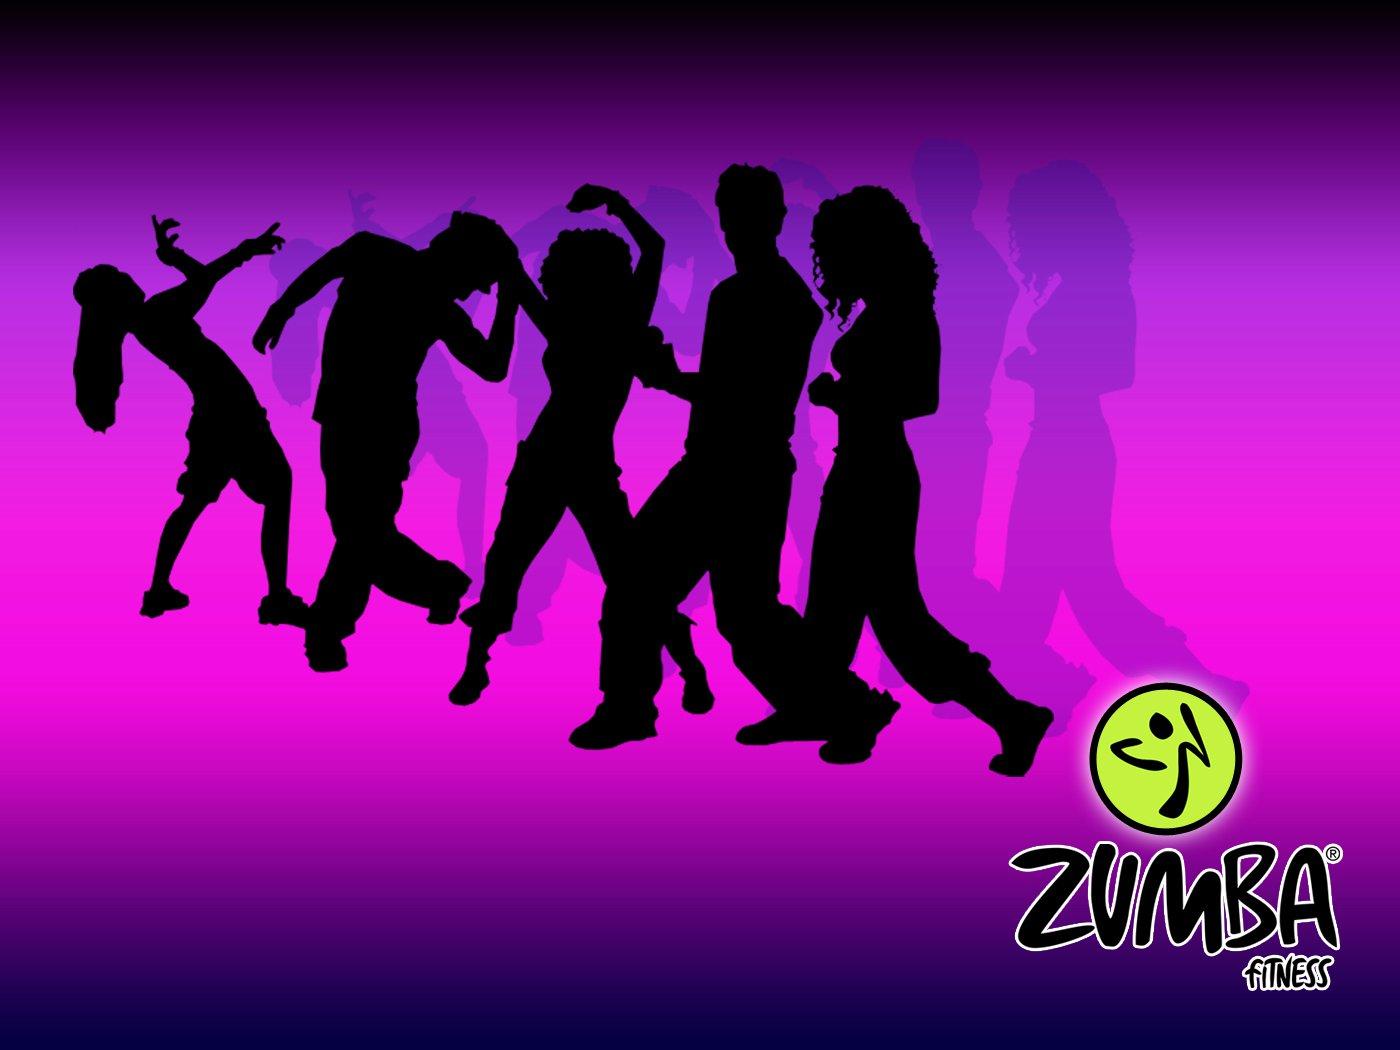 Zumba21